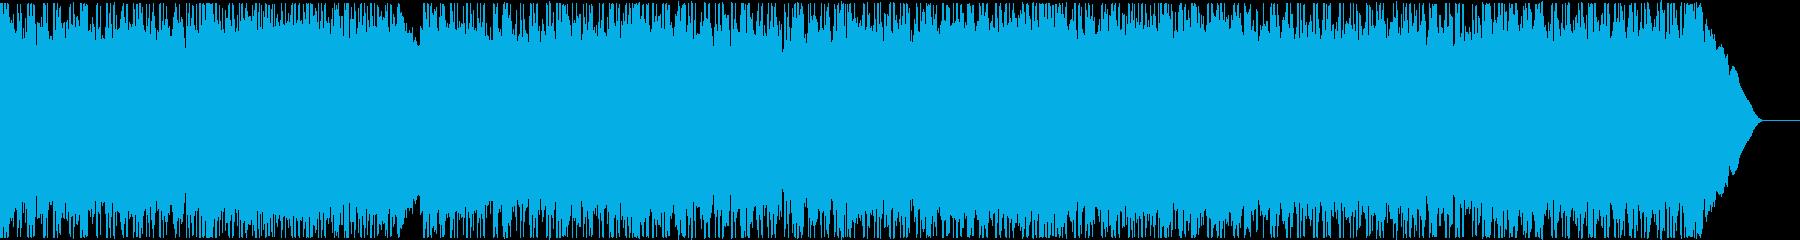 90年代風ギターロックの再生済みの波形